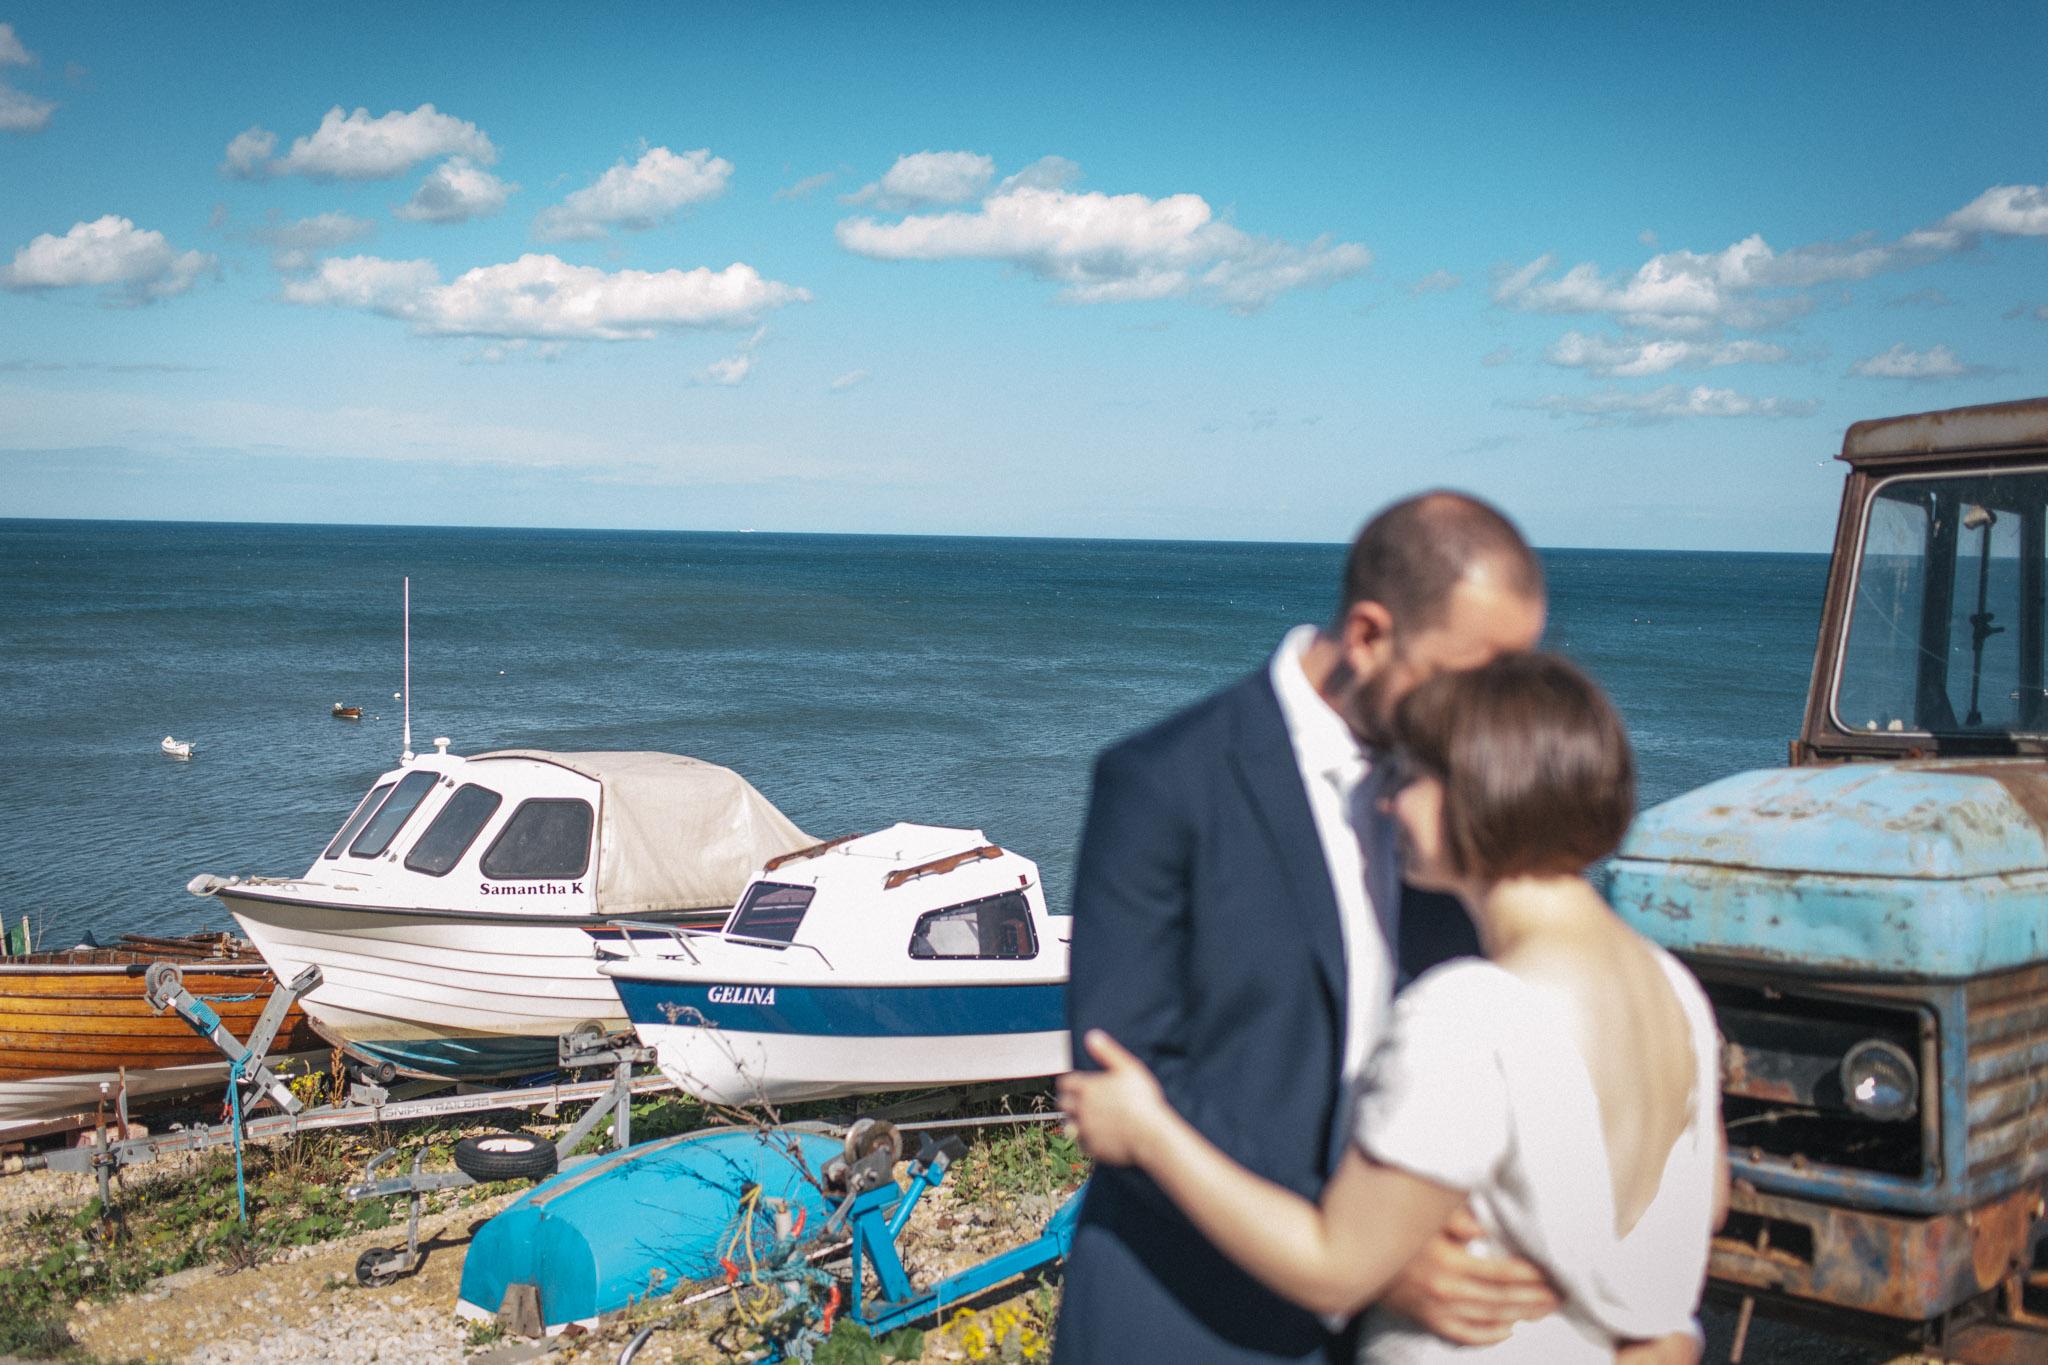 wedding_robin_hoods_bay_whitby_069.jpg